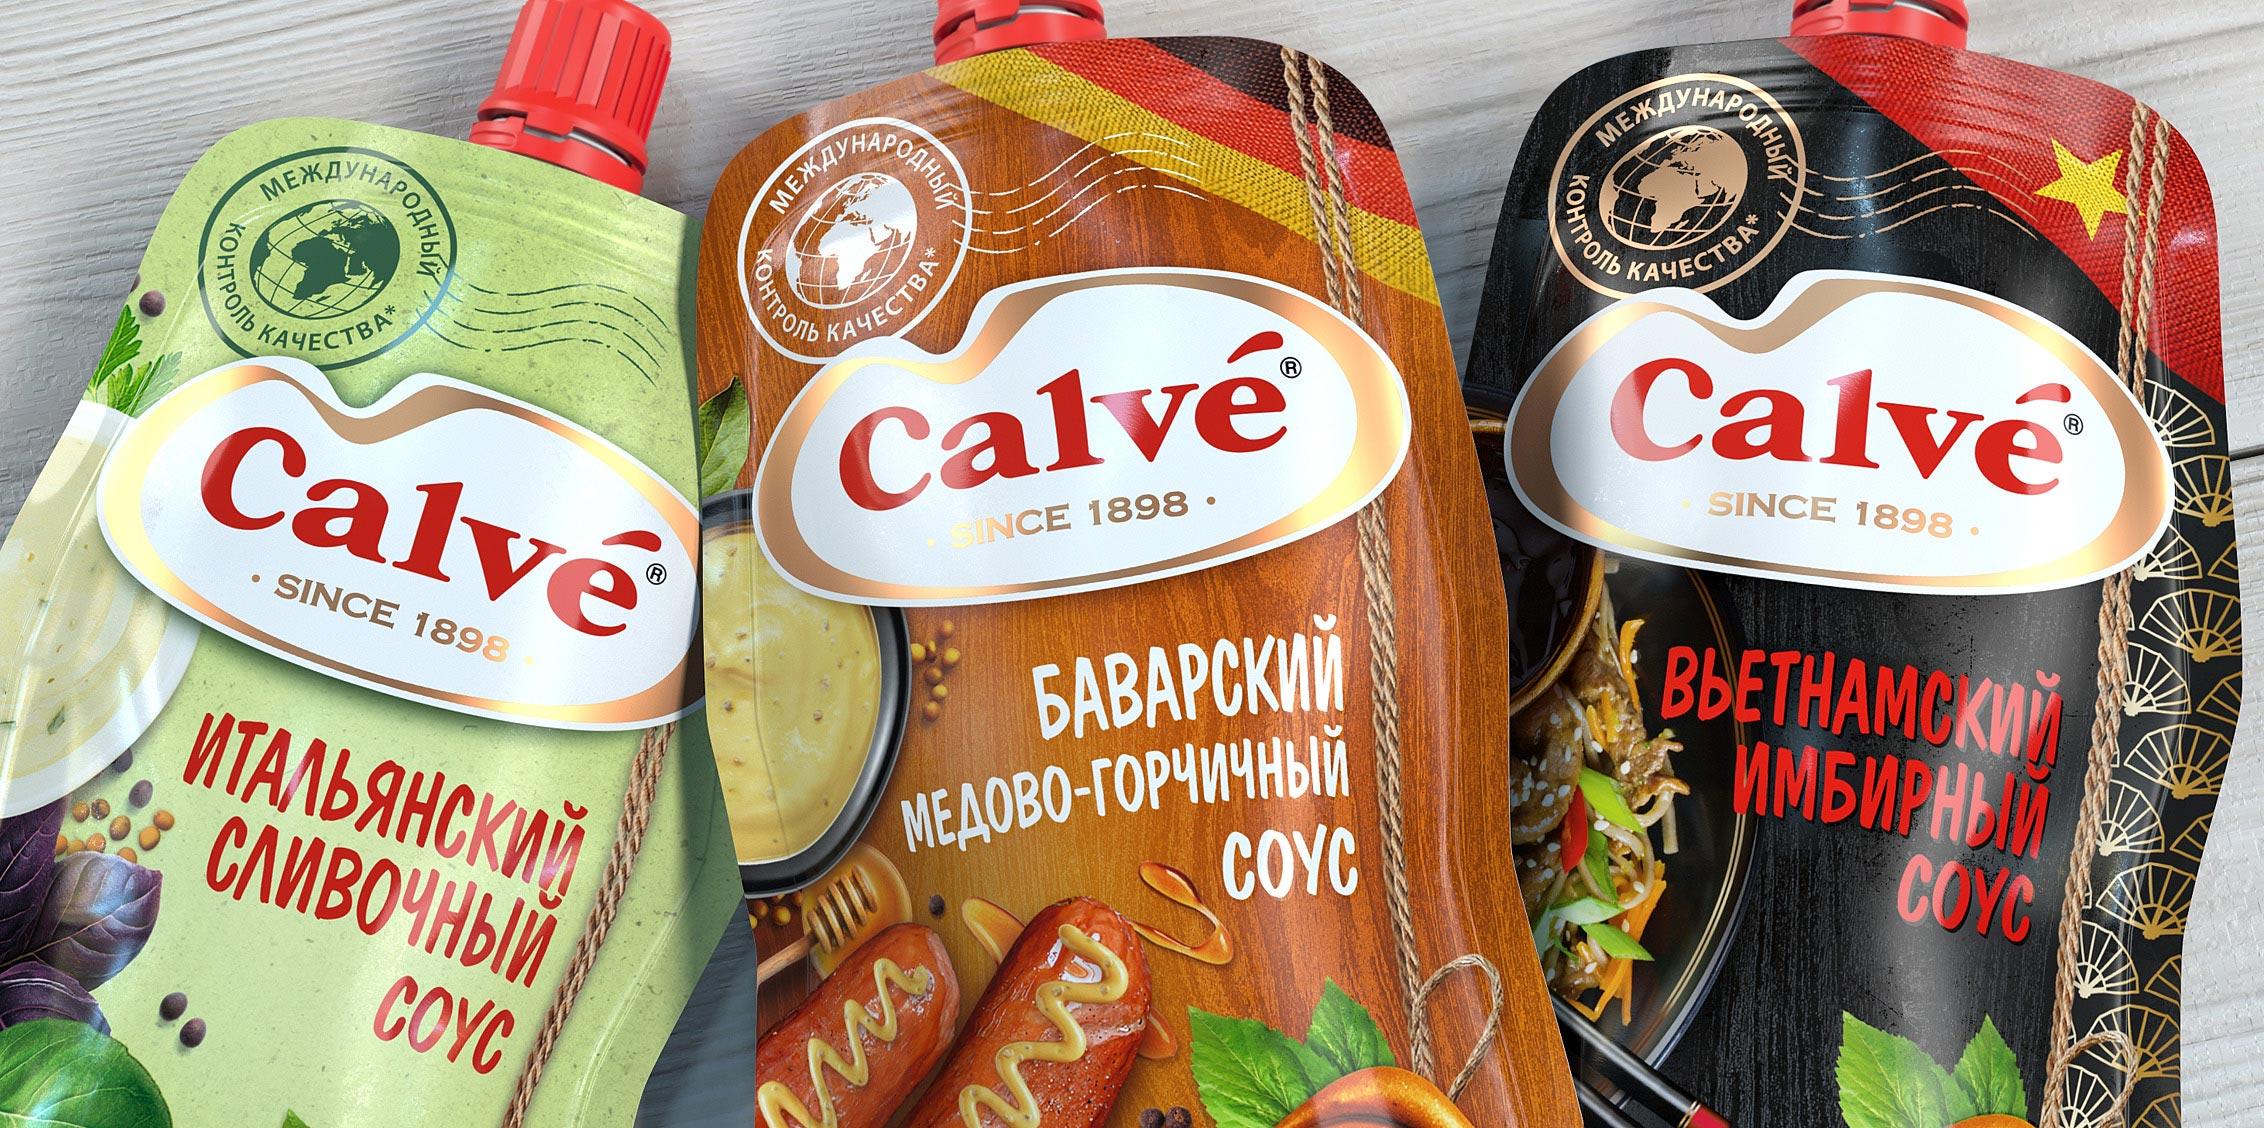 Продукция торговой марки Calve